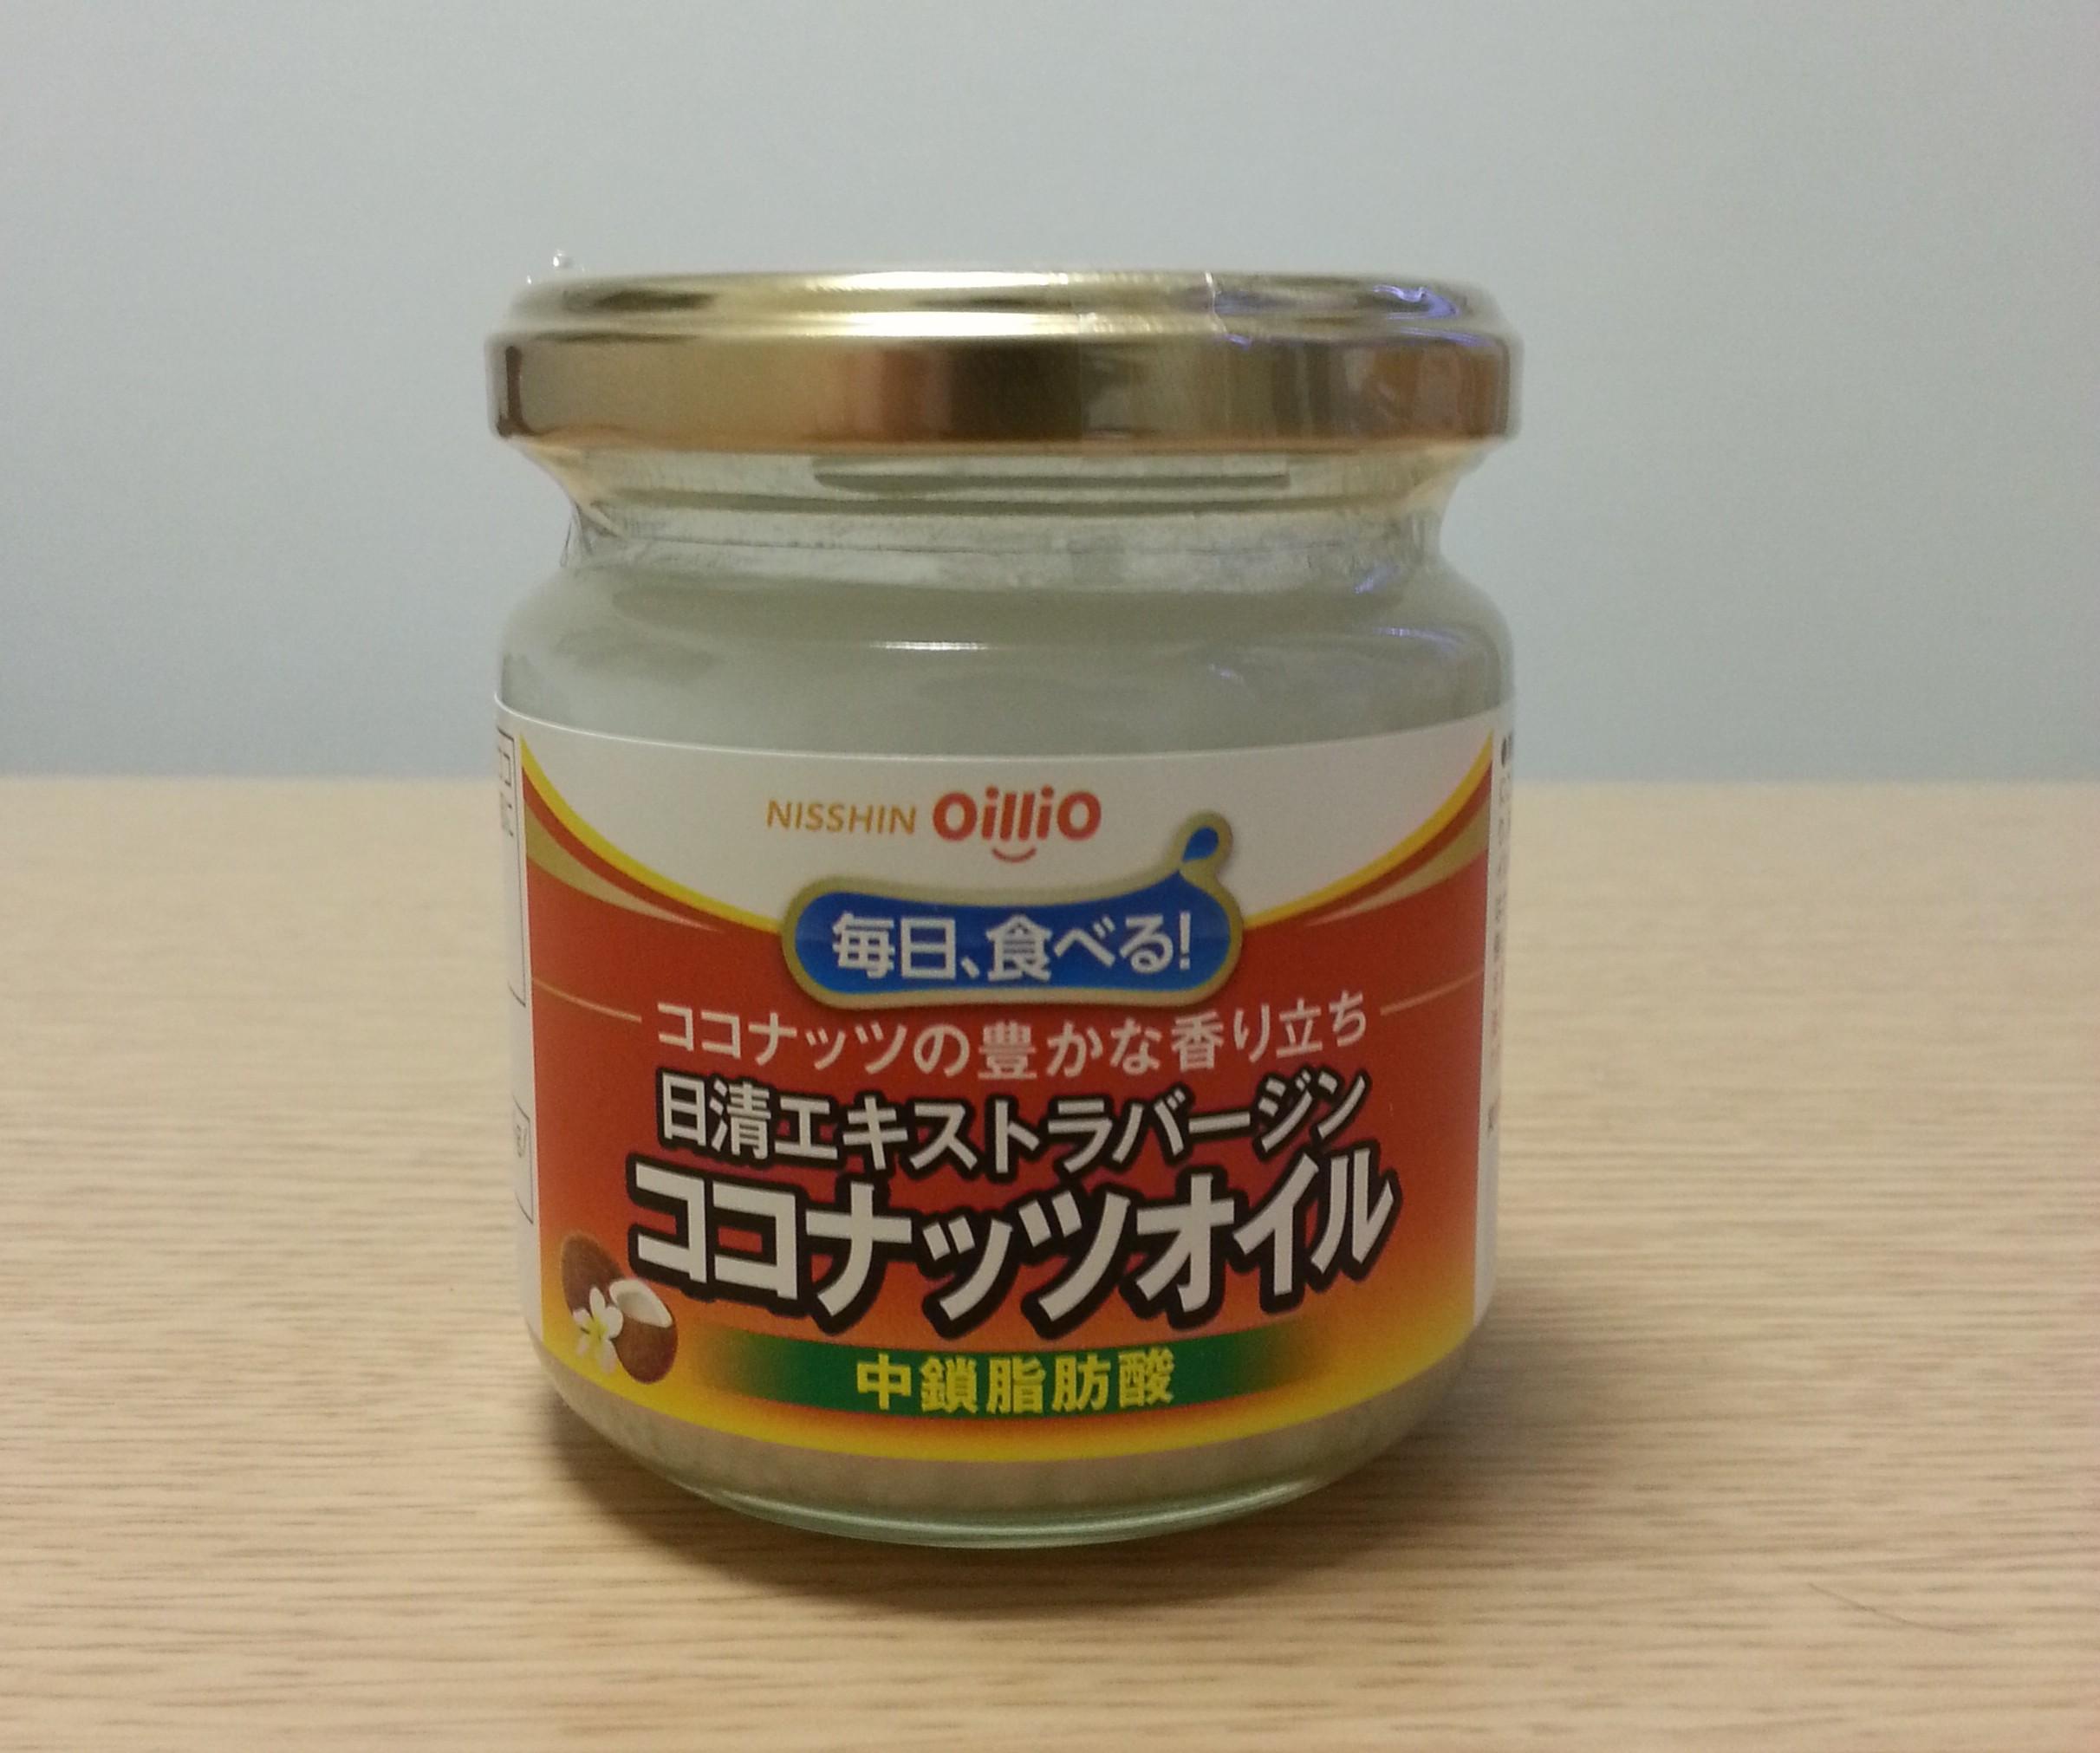 nisshin-oillio-coconutoil5